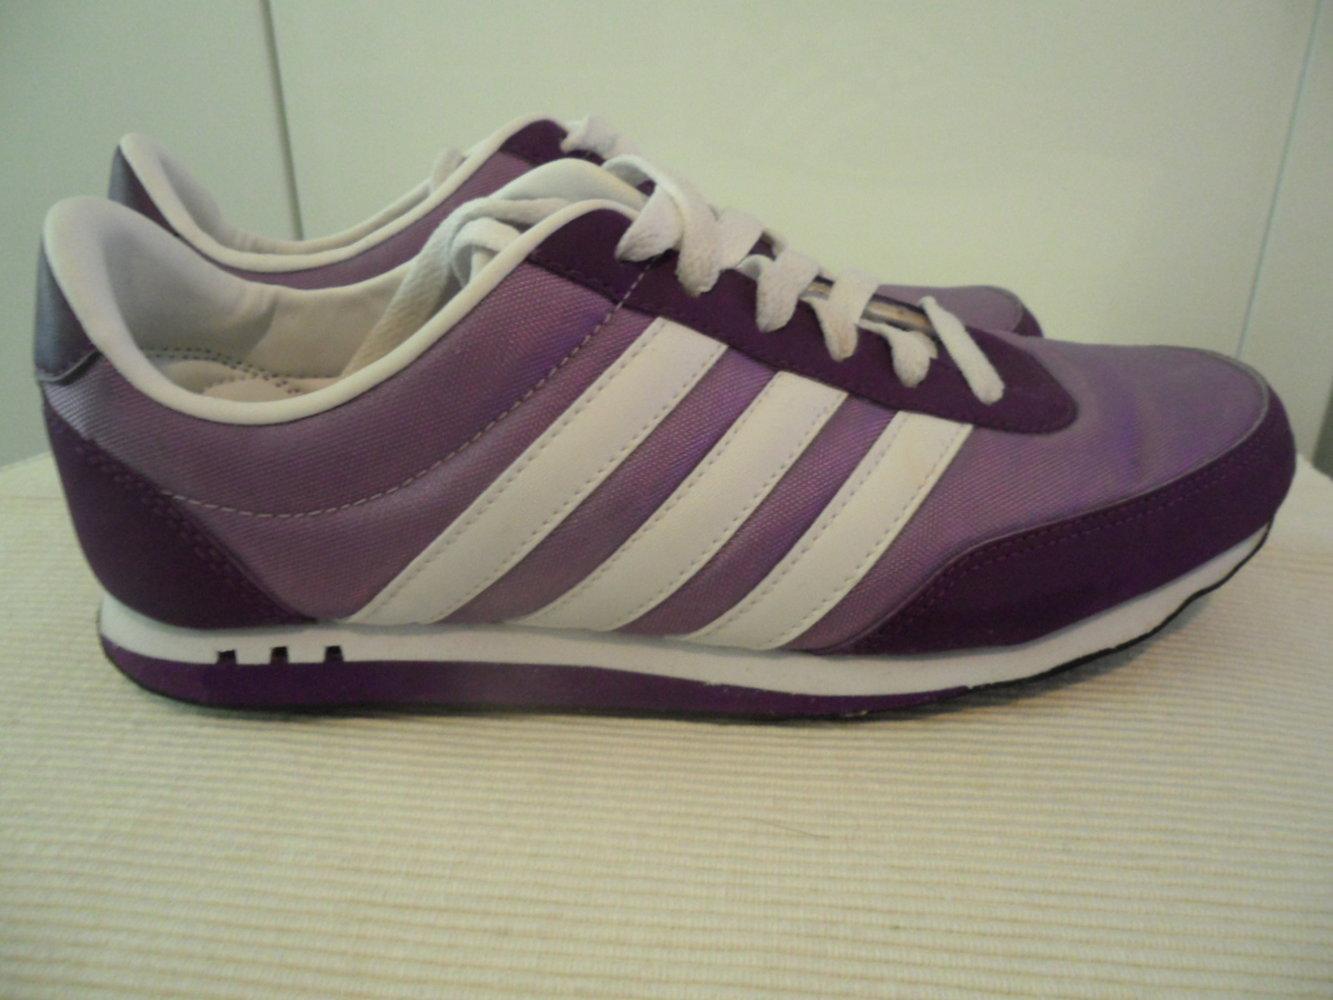 Adidas Laufschuhe Sportschuhe Gr. 37 13 selten getragen in